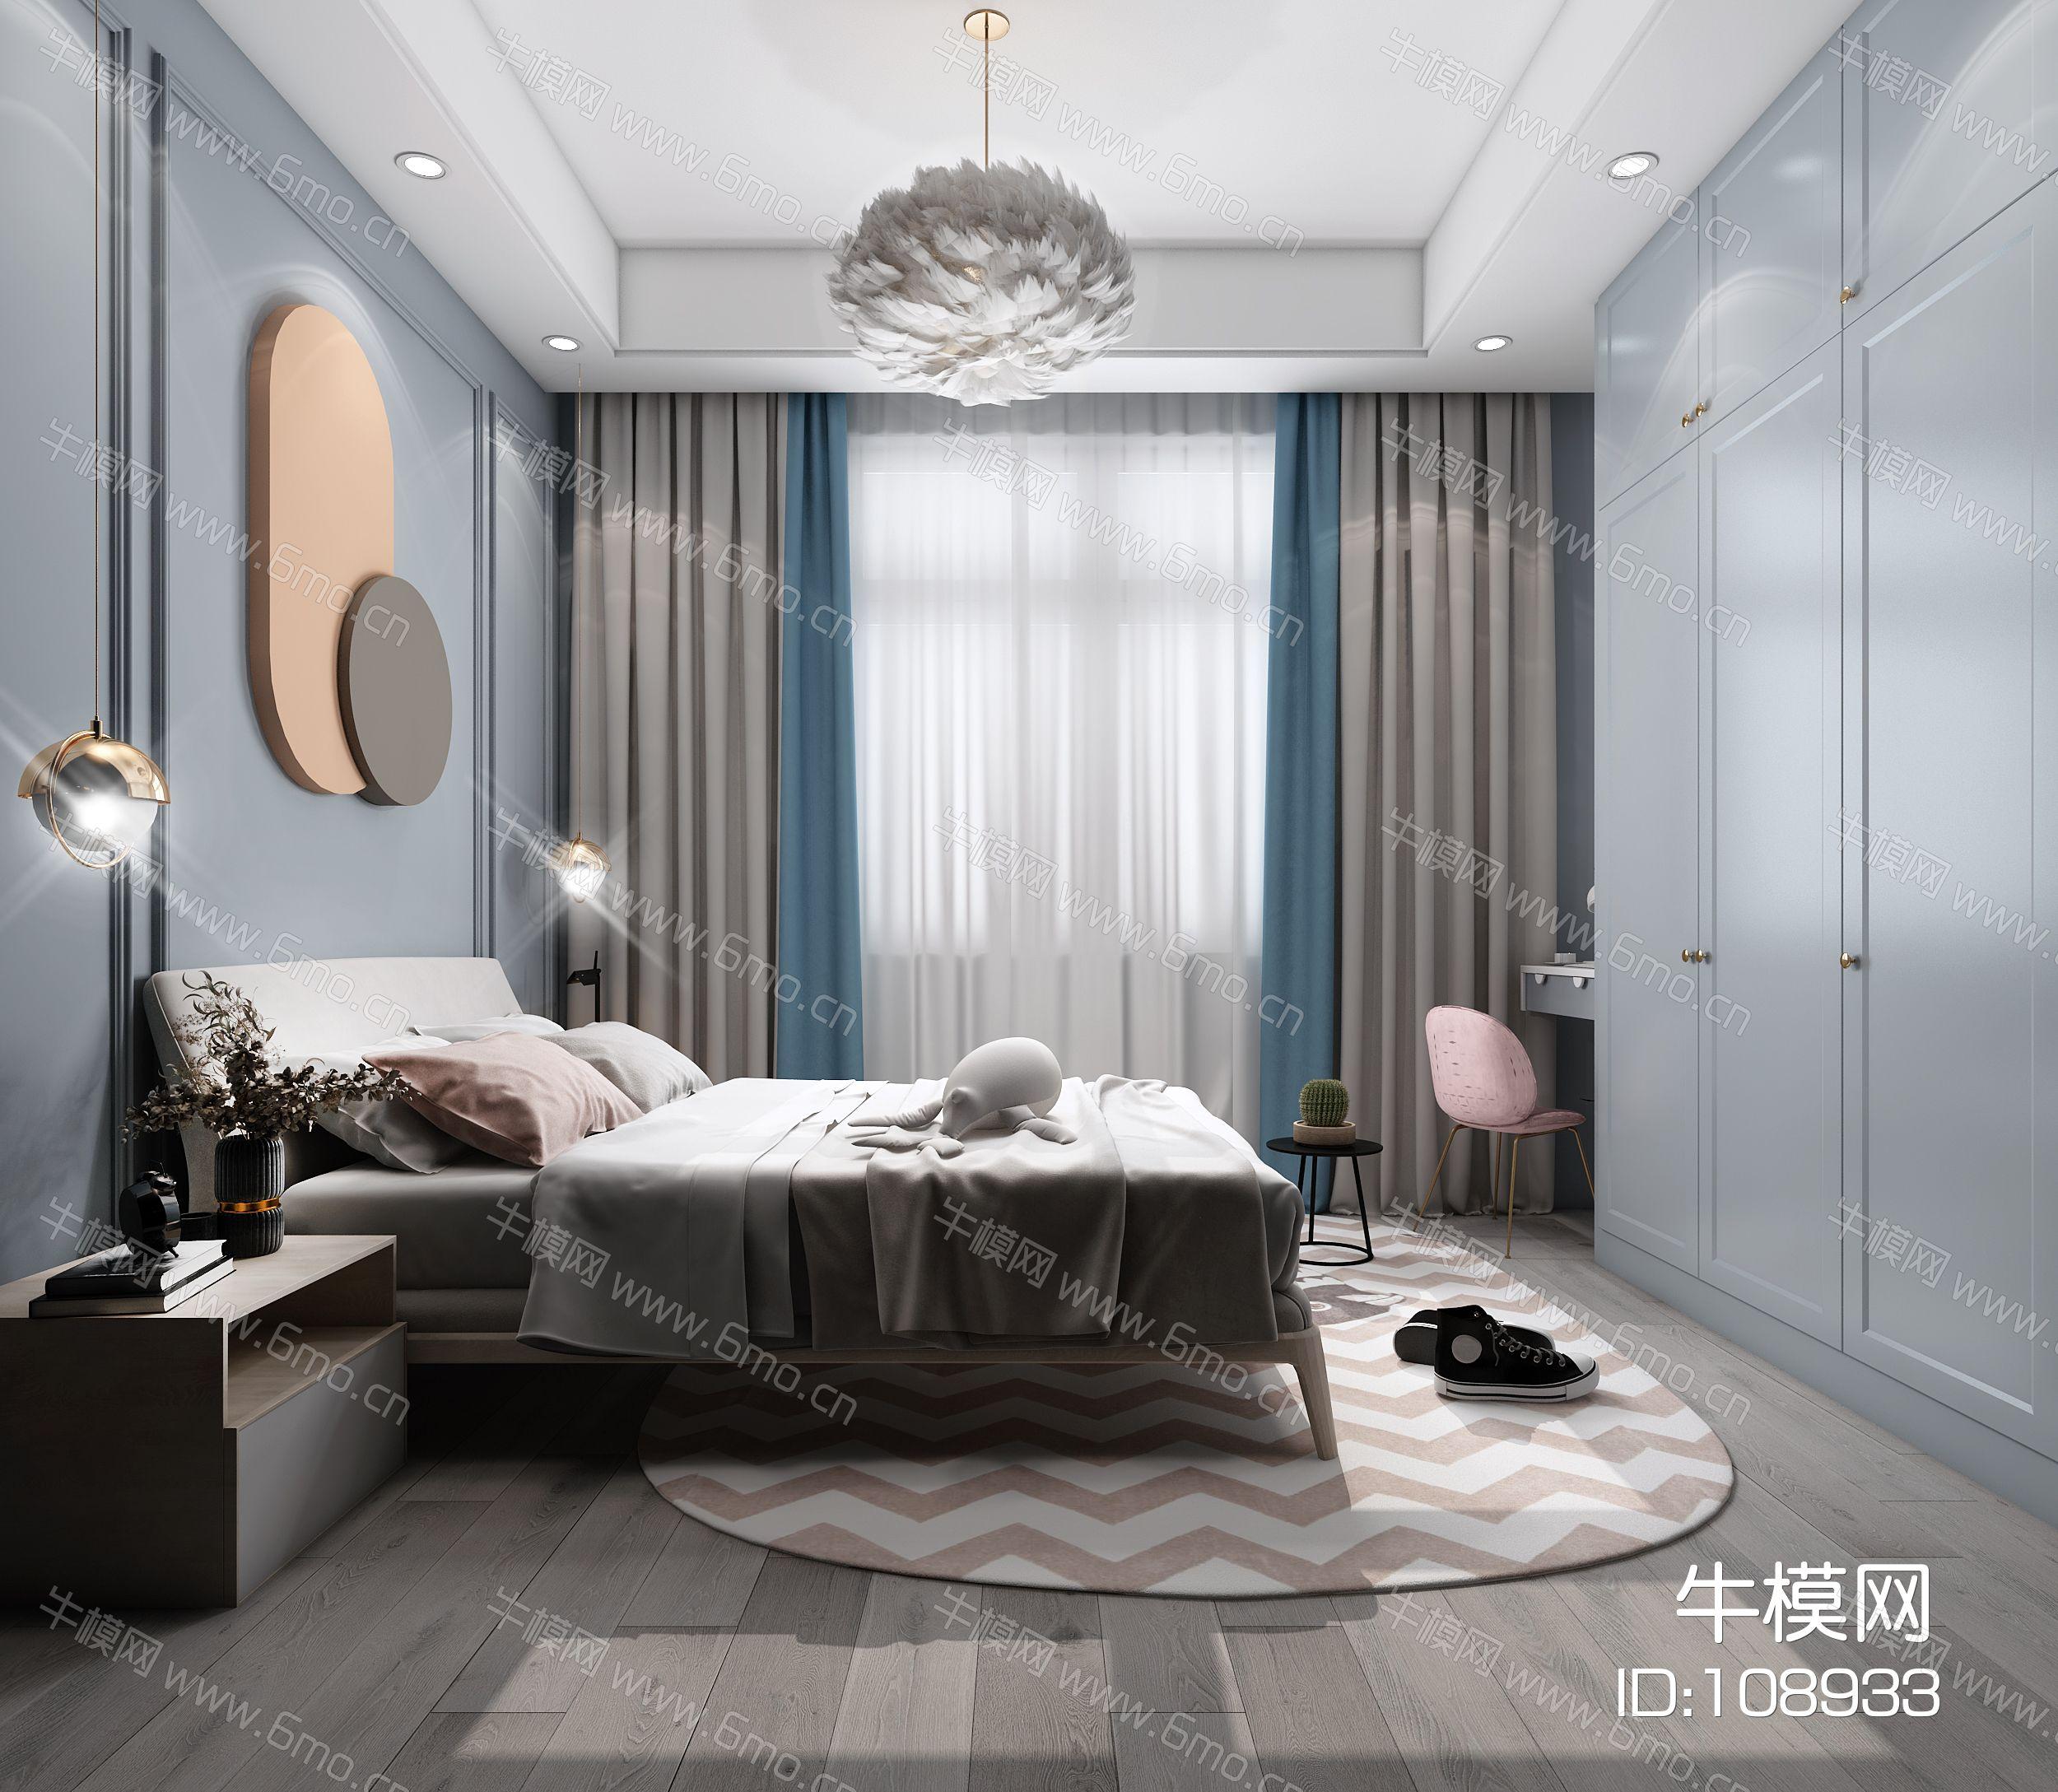 现代卧室,轻奢卧室,主卧室,